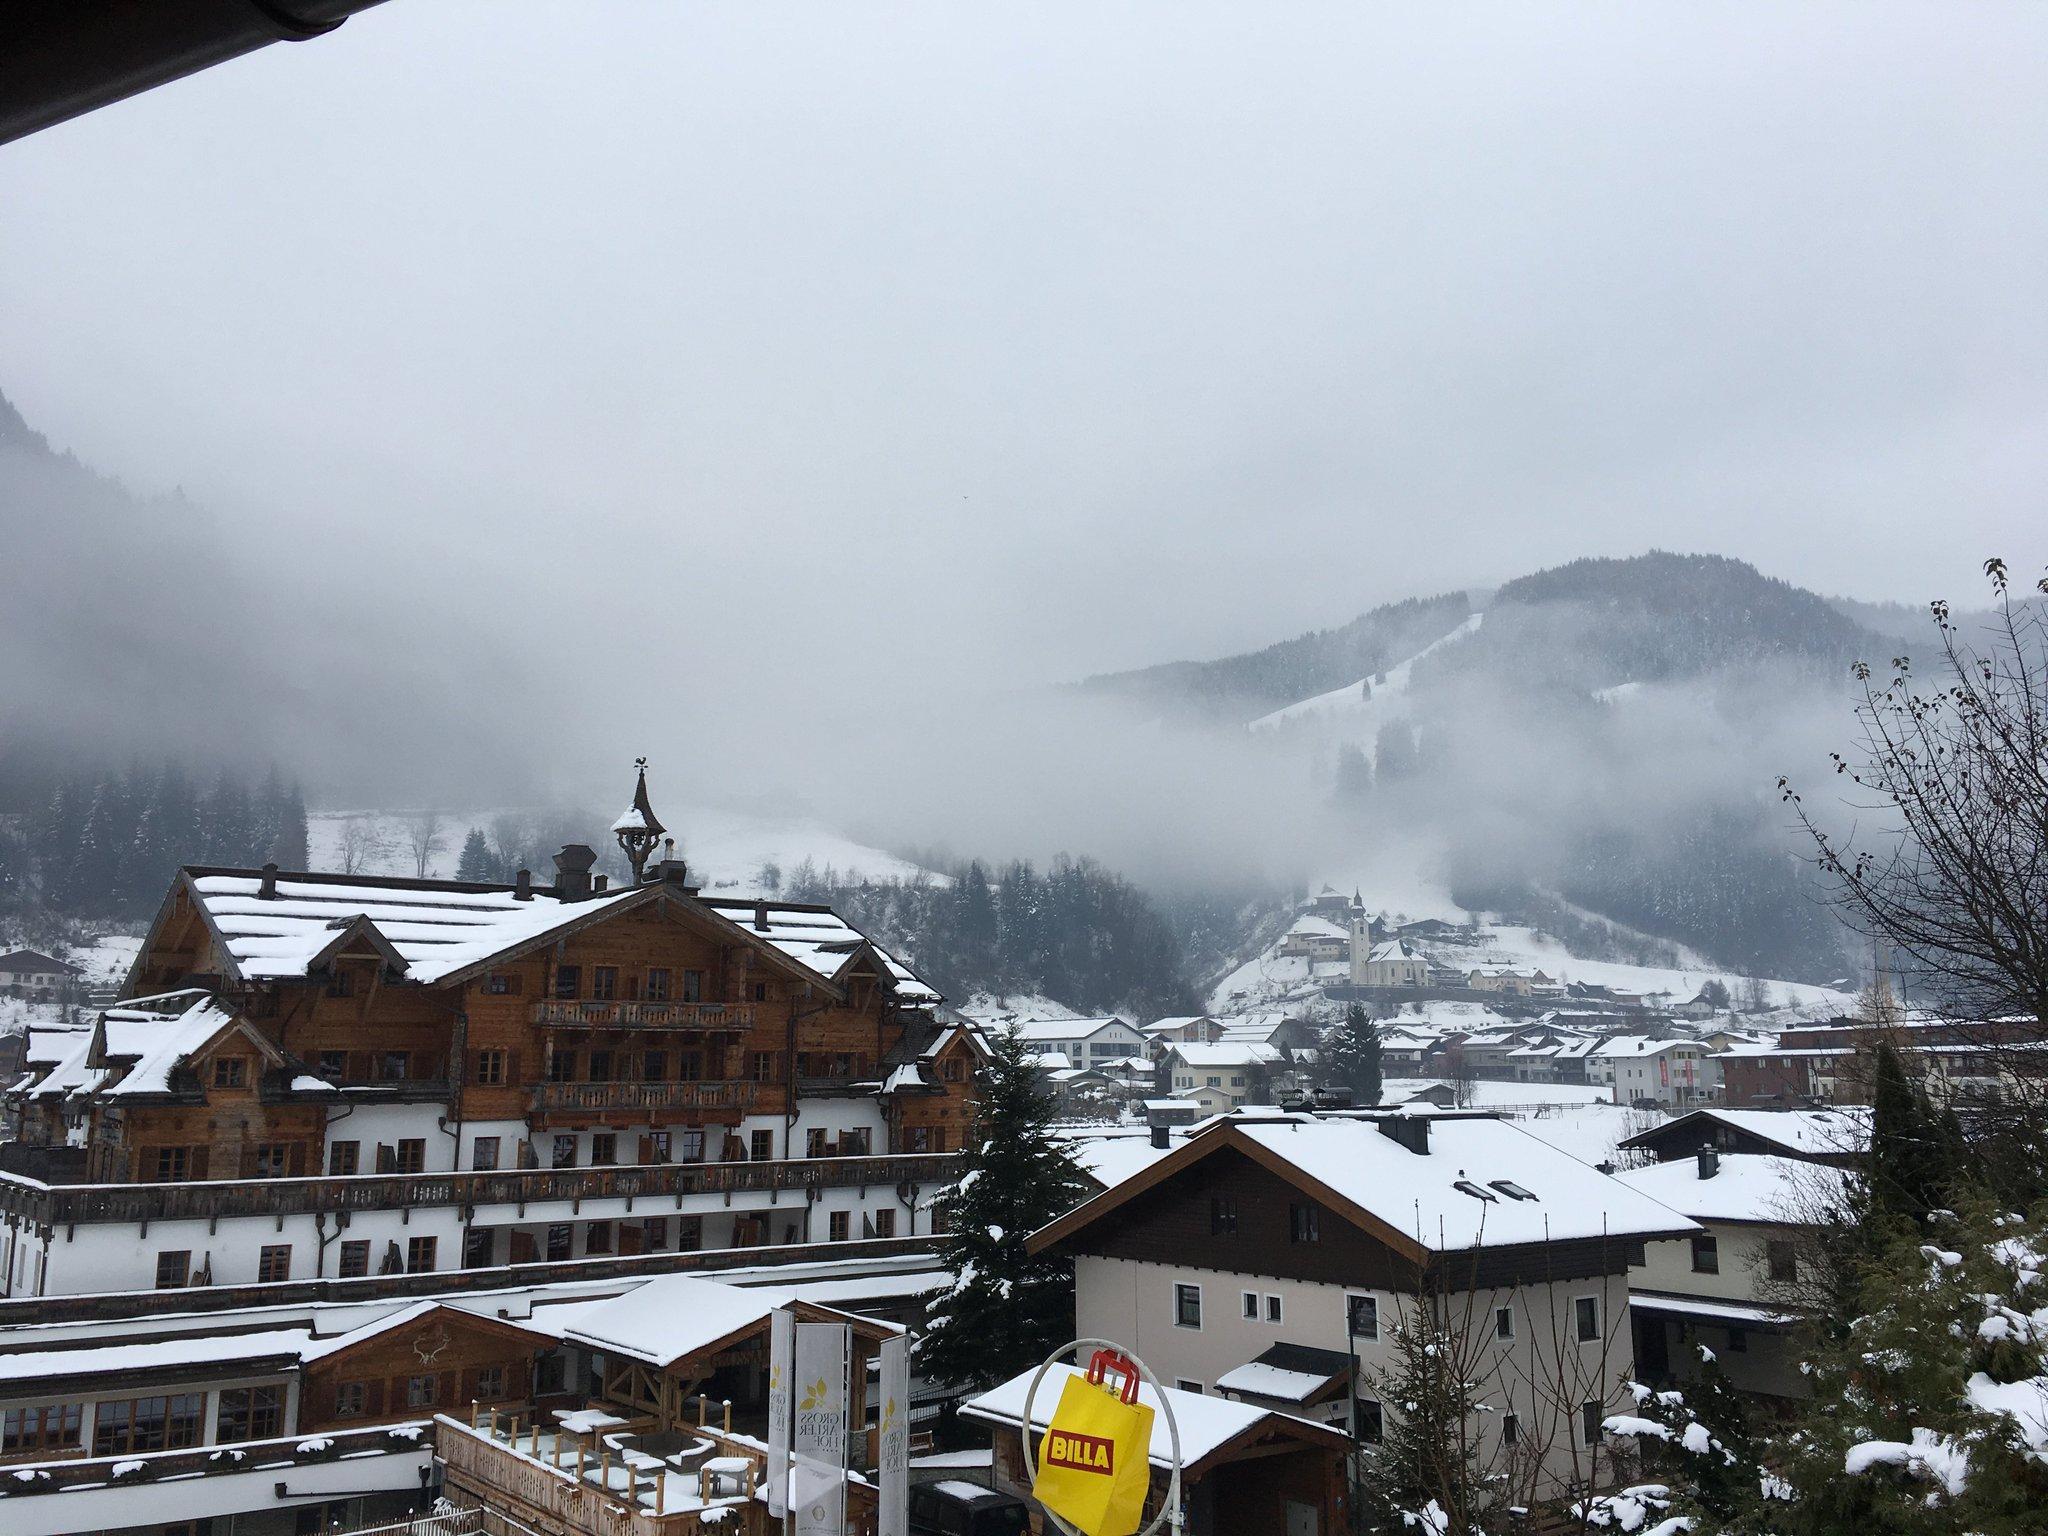 Großarl im Nebel heute Morgen #meurers #tauernhof https://t.co/A0GOn5OiPC